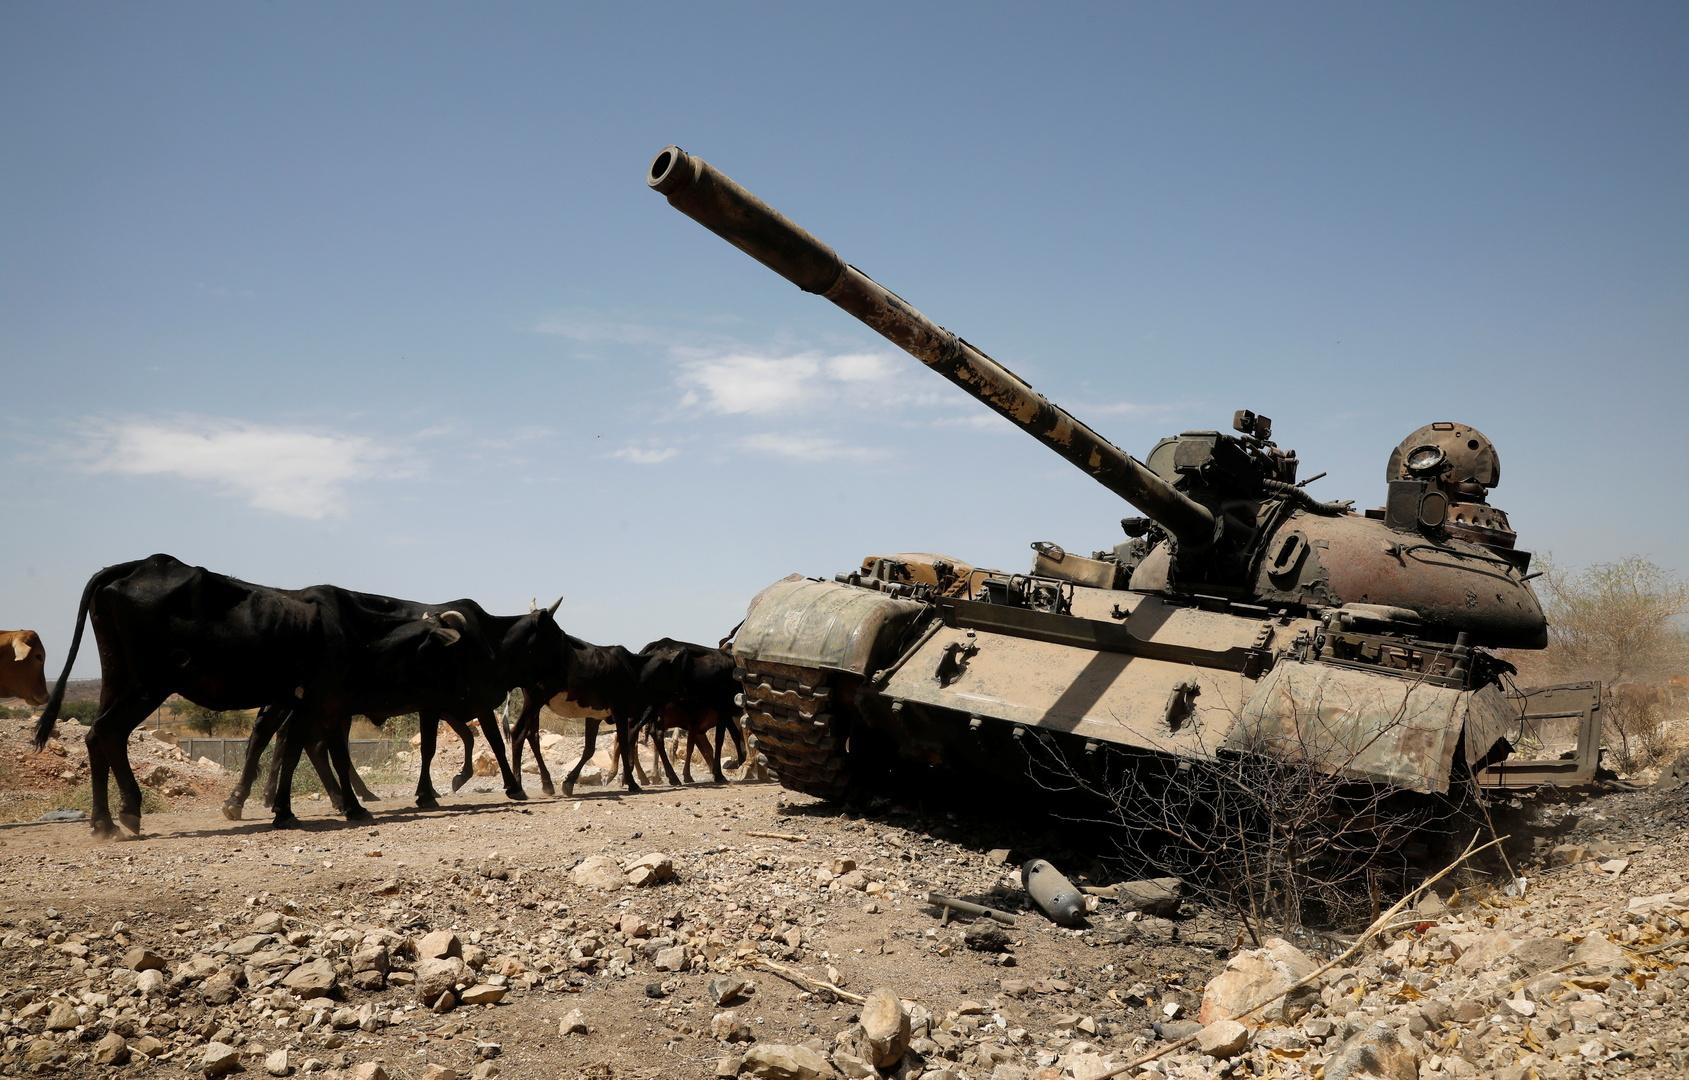 """مجلس الأمن الدولي يناقش طرد إثيوبيا موظفين أمميين ومسؤول غربي يحذر من """"تقدم ميداني كبير وشيك"""""""